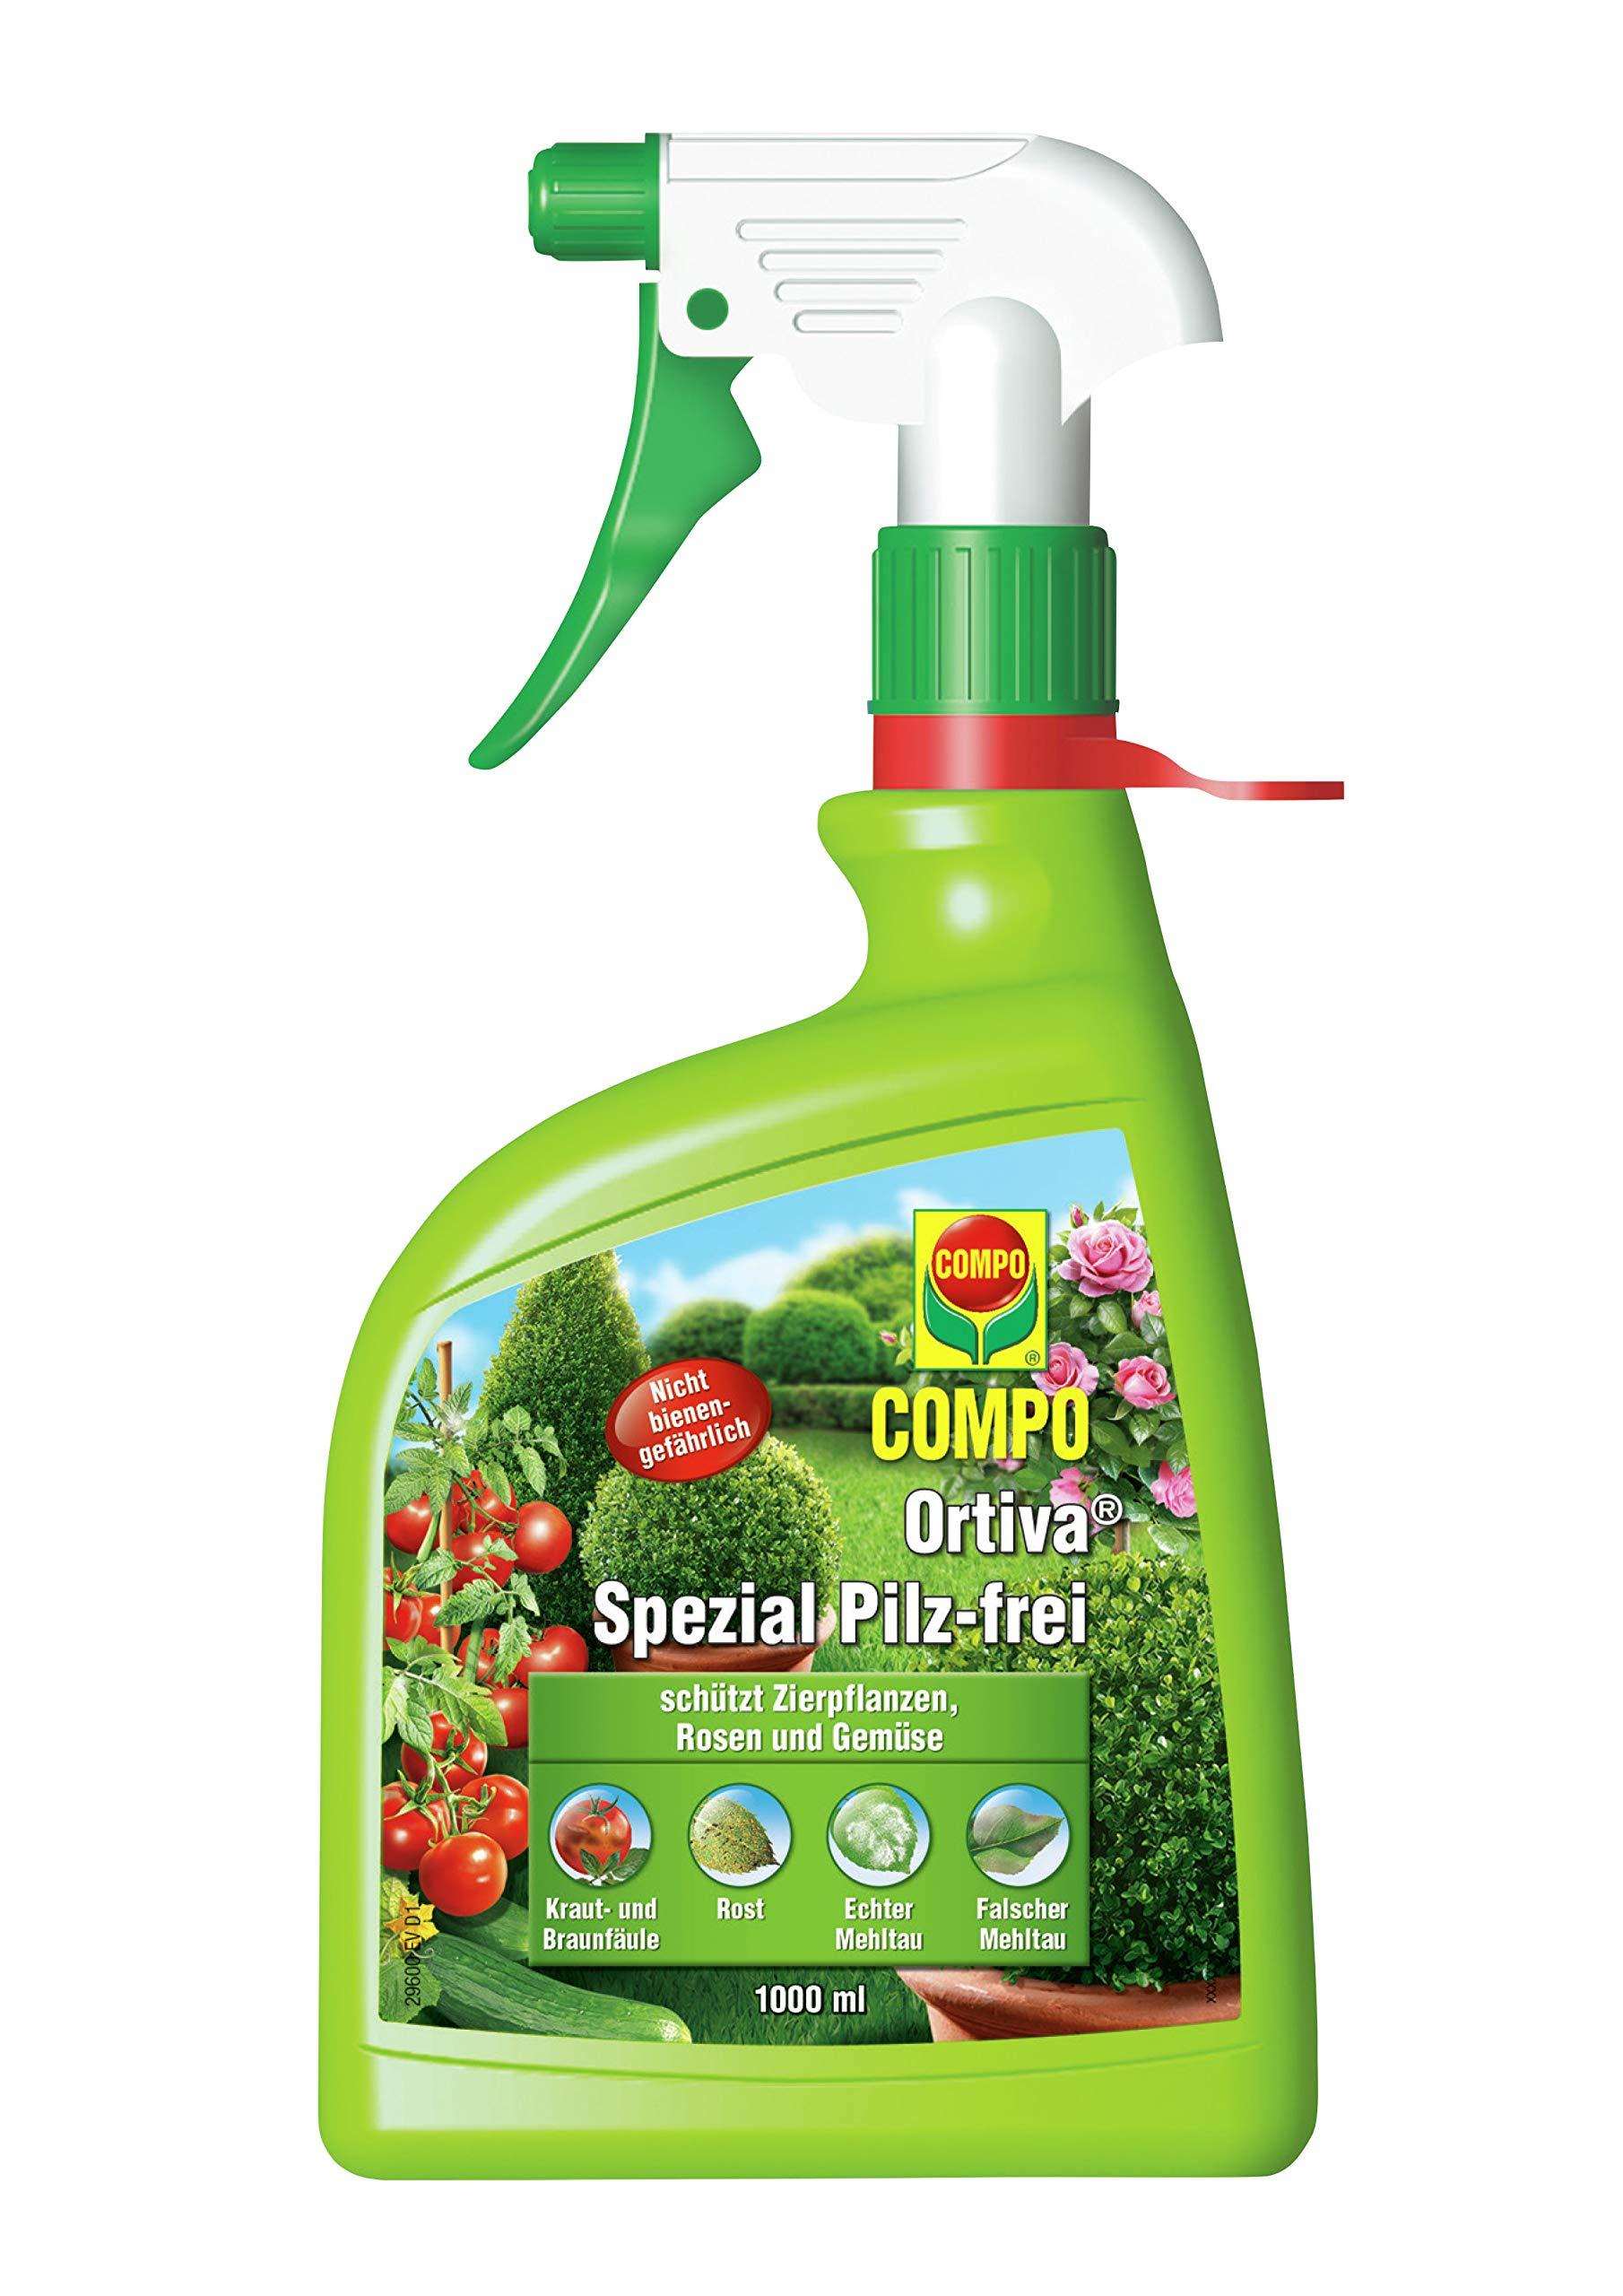 COMPO Ortiva Spezial Pilz-frei AF, Bekämpfung von Pilzkrankheiten an Zierpflanzen, Ziergehölzen und Gemüse, Anwendungsfertig, 1 Liter product image